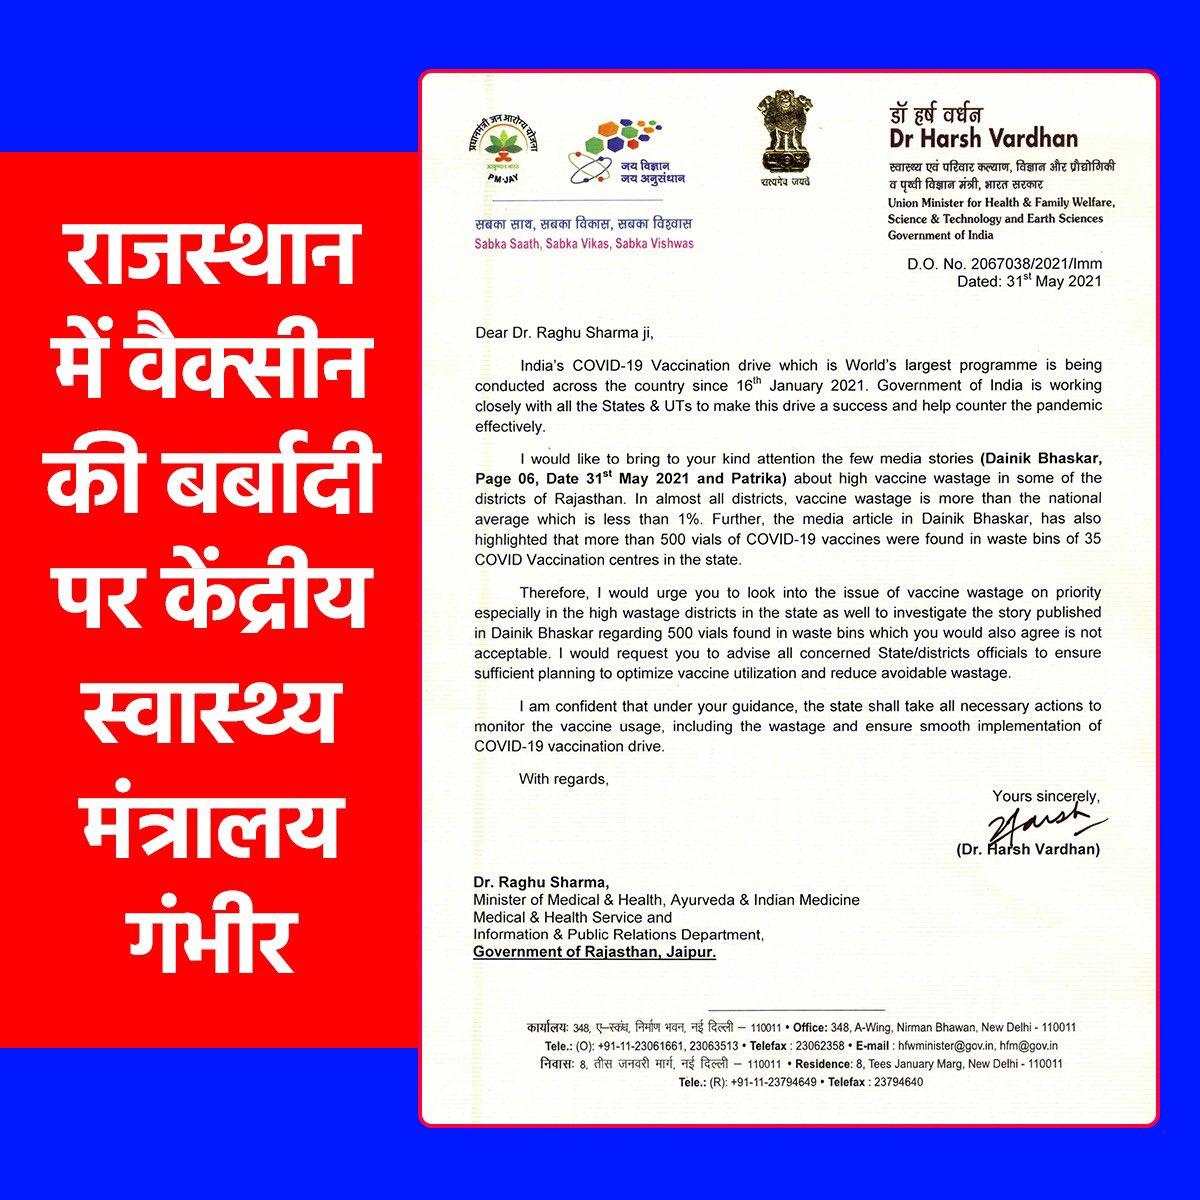 डॉ. हर्षवर्धन का राजस्थान के स्वास्थ्य मंत्री को पत्र, वैक्सीन की बर्बादी की जांच करने को कहा – bhaskarhindi.com